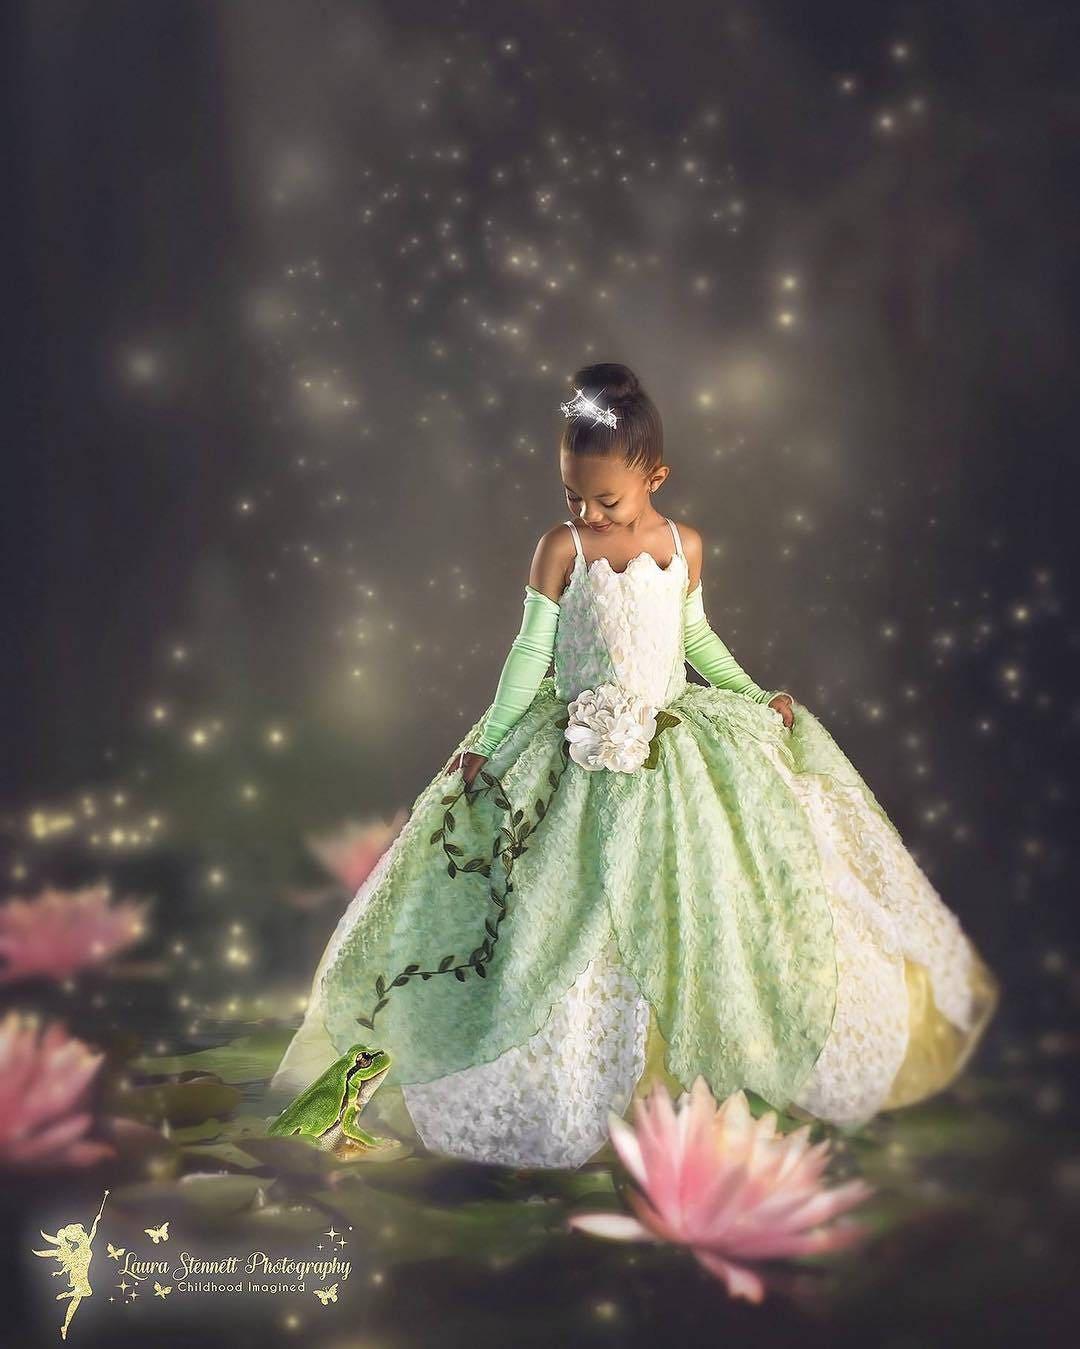 Princess Tiana Dress: Tiana Costume Princess And The Frog Gown Tutu Dress